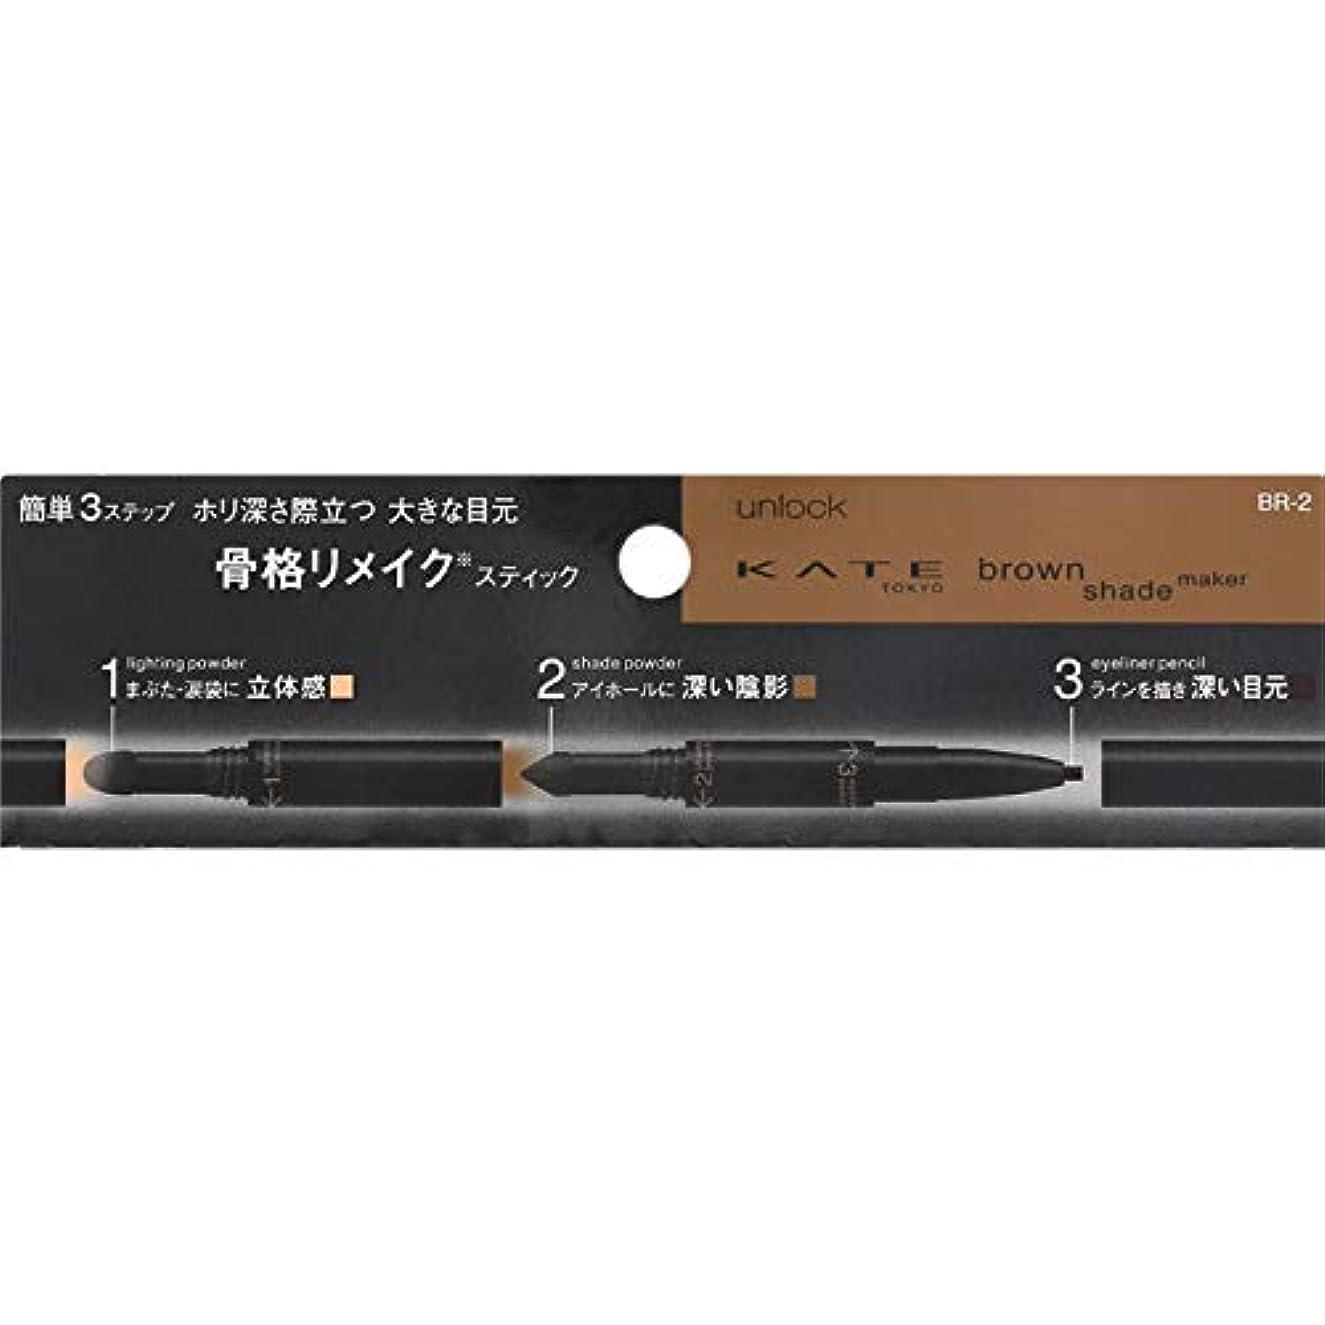 水を飲む抜け目のない刃カネボウ(Kanebo) ケイト ブラウンシェードメイカー<カラー:BR-2>